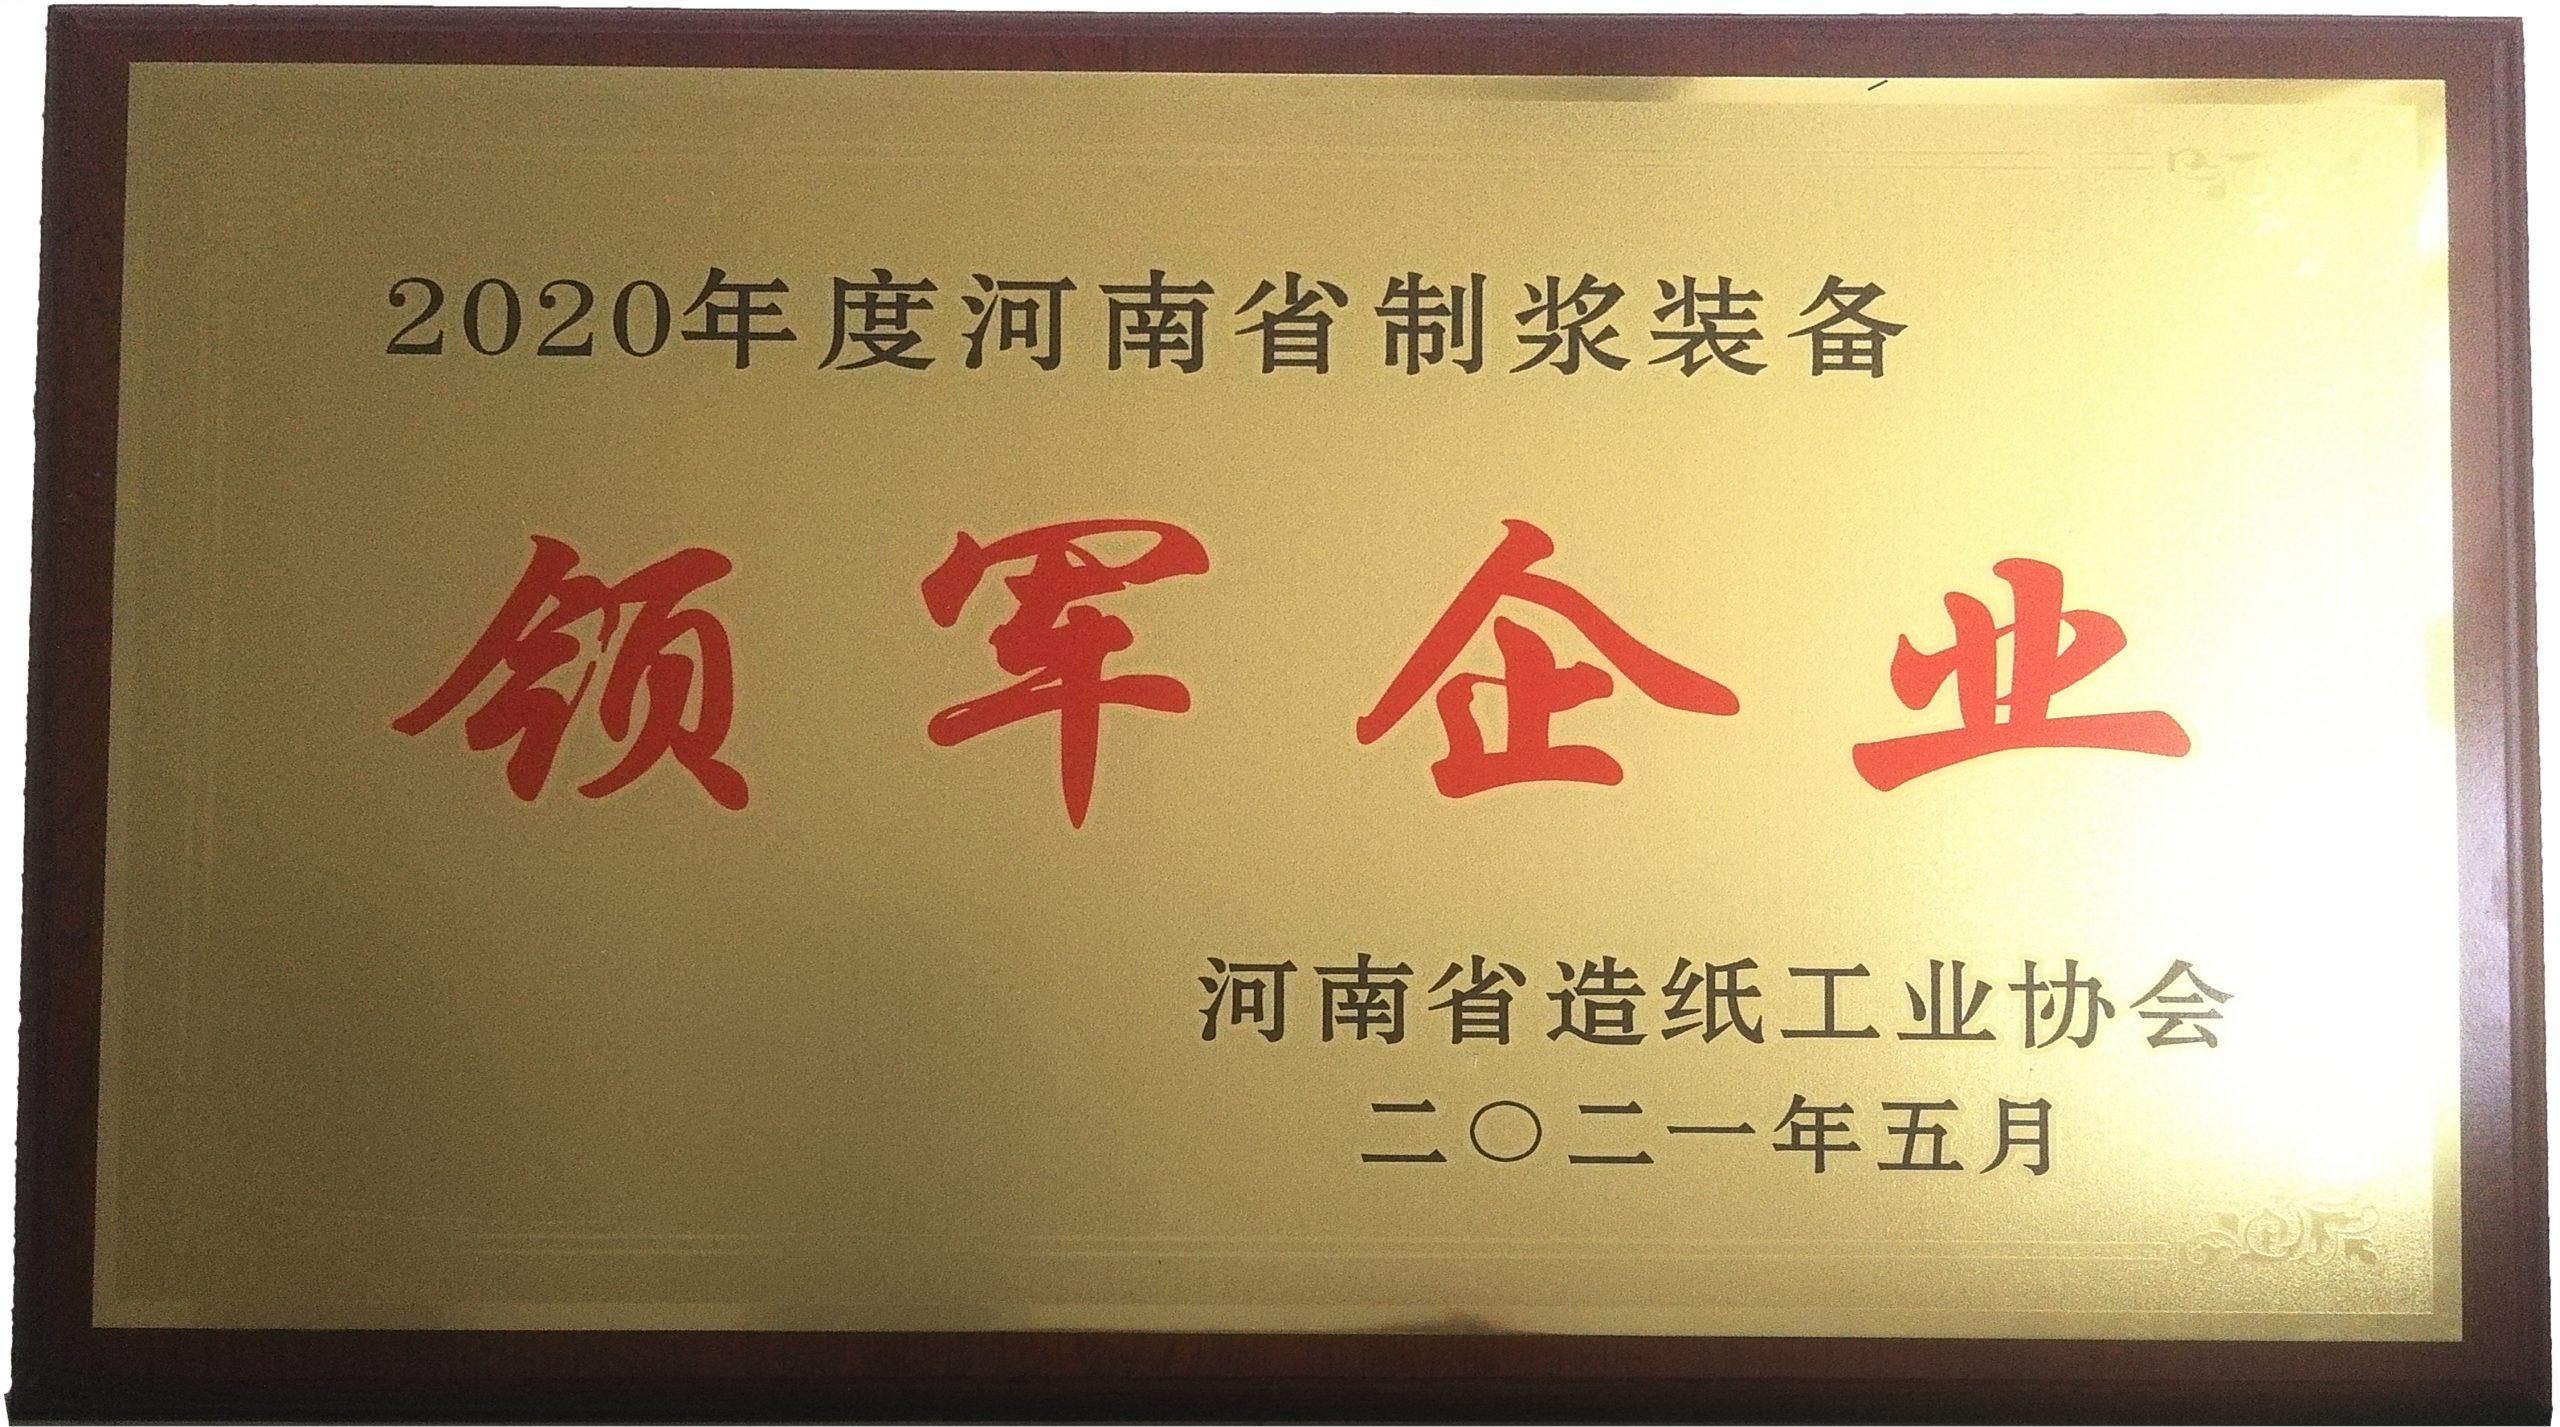 2020年度河南省制浆装备领军企业